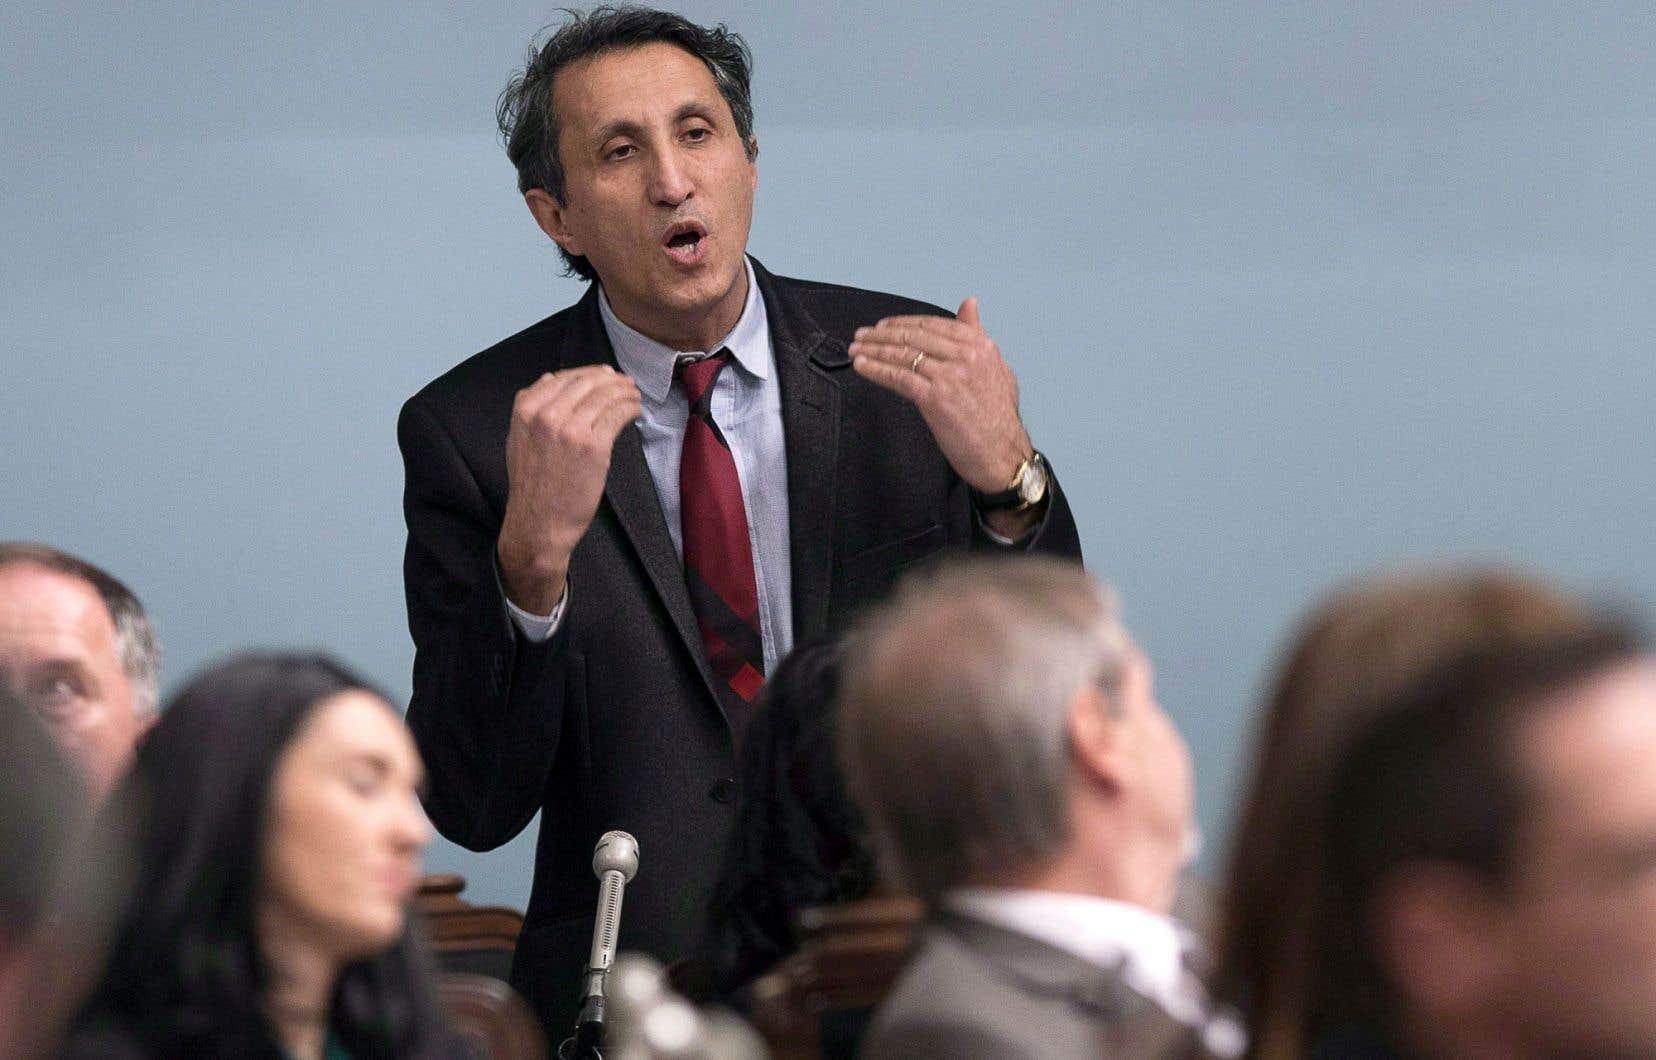 Le député de Québec solidaire Amir Khadir a constaté des «divergences sur l'orientation» entre son parti et le Parti québécois.